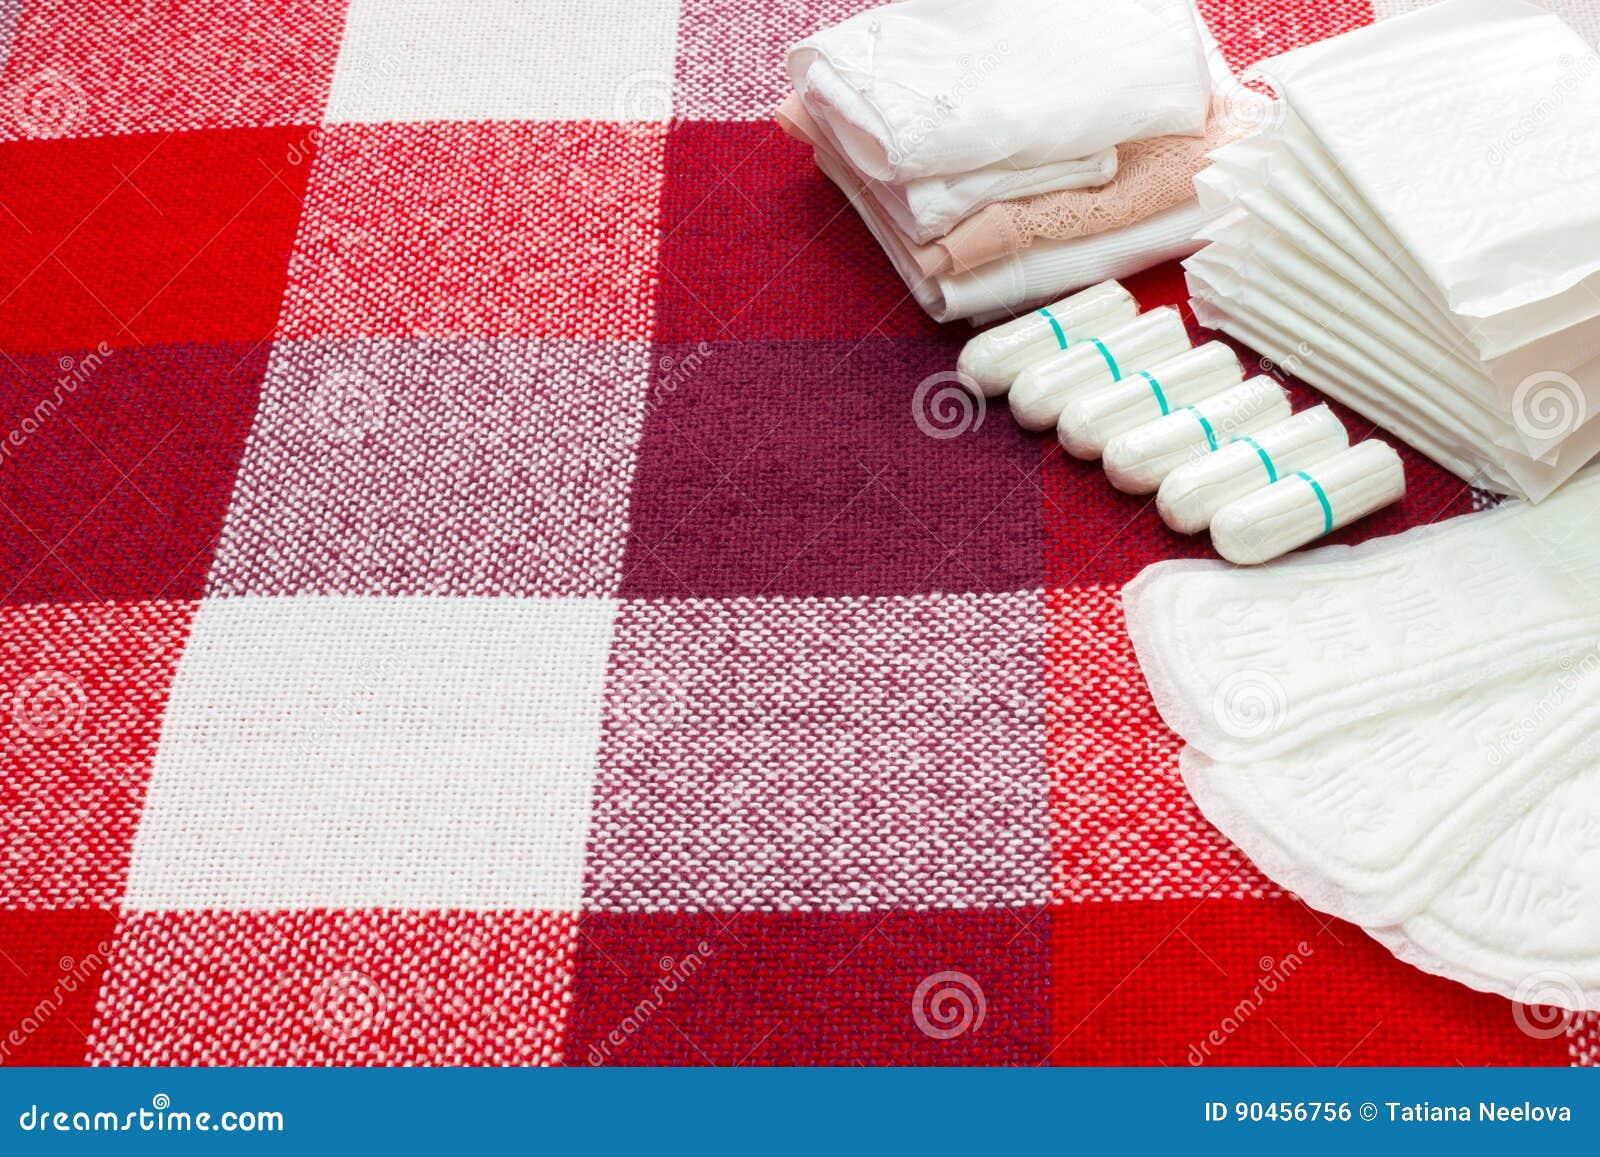 医疗构想 月经妇女卫生学保护的月经带和棉花棉塞 妇女哥斯达黎加的软的嫩保护